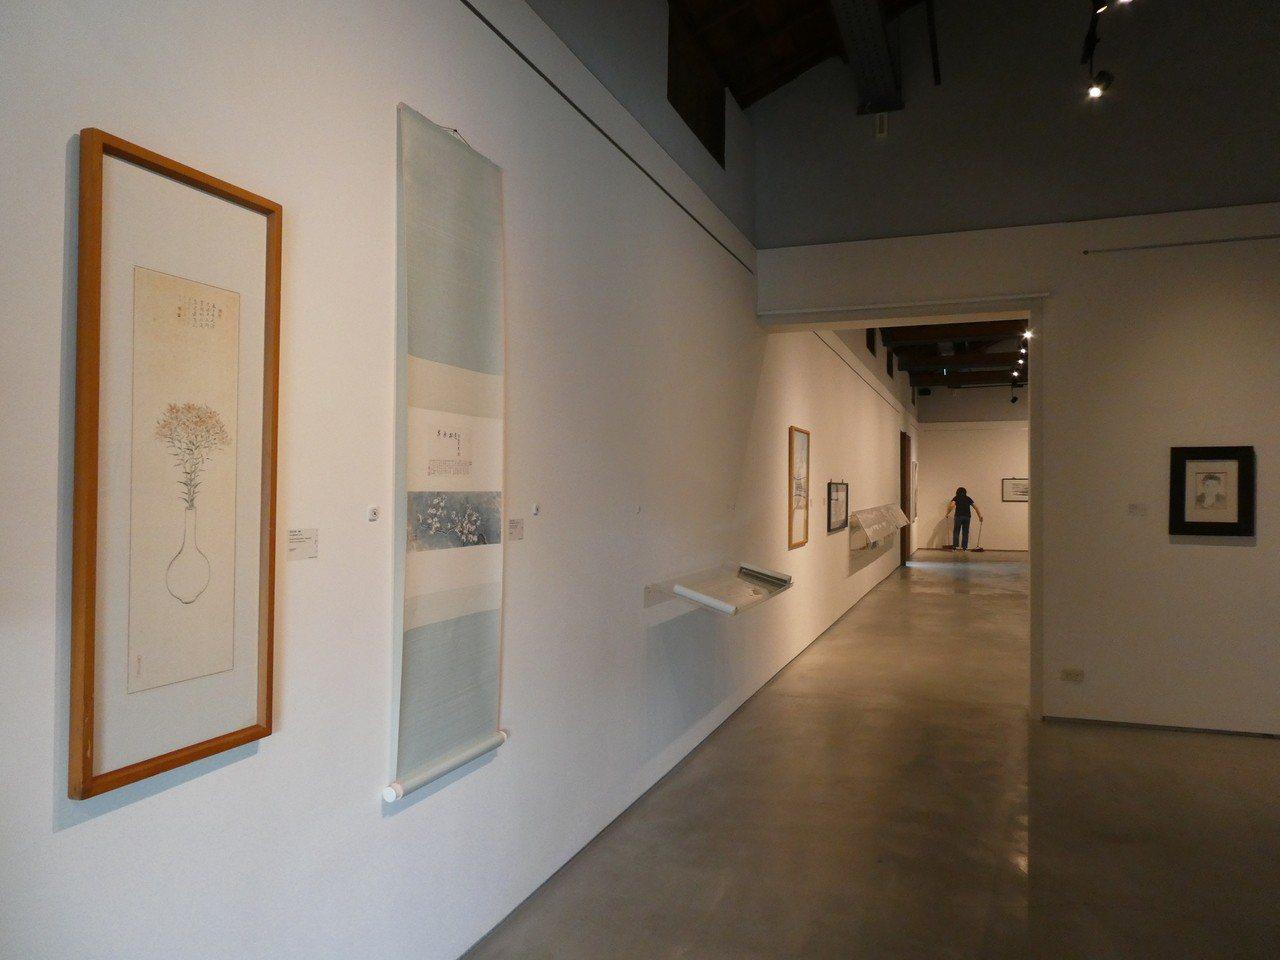 蔣勳私藏展-池上穀倉藝術館;台灣好基金會提供。